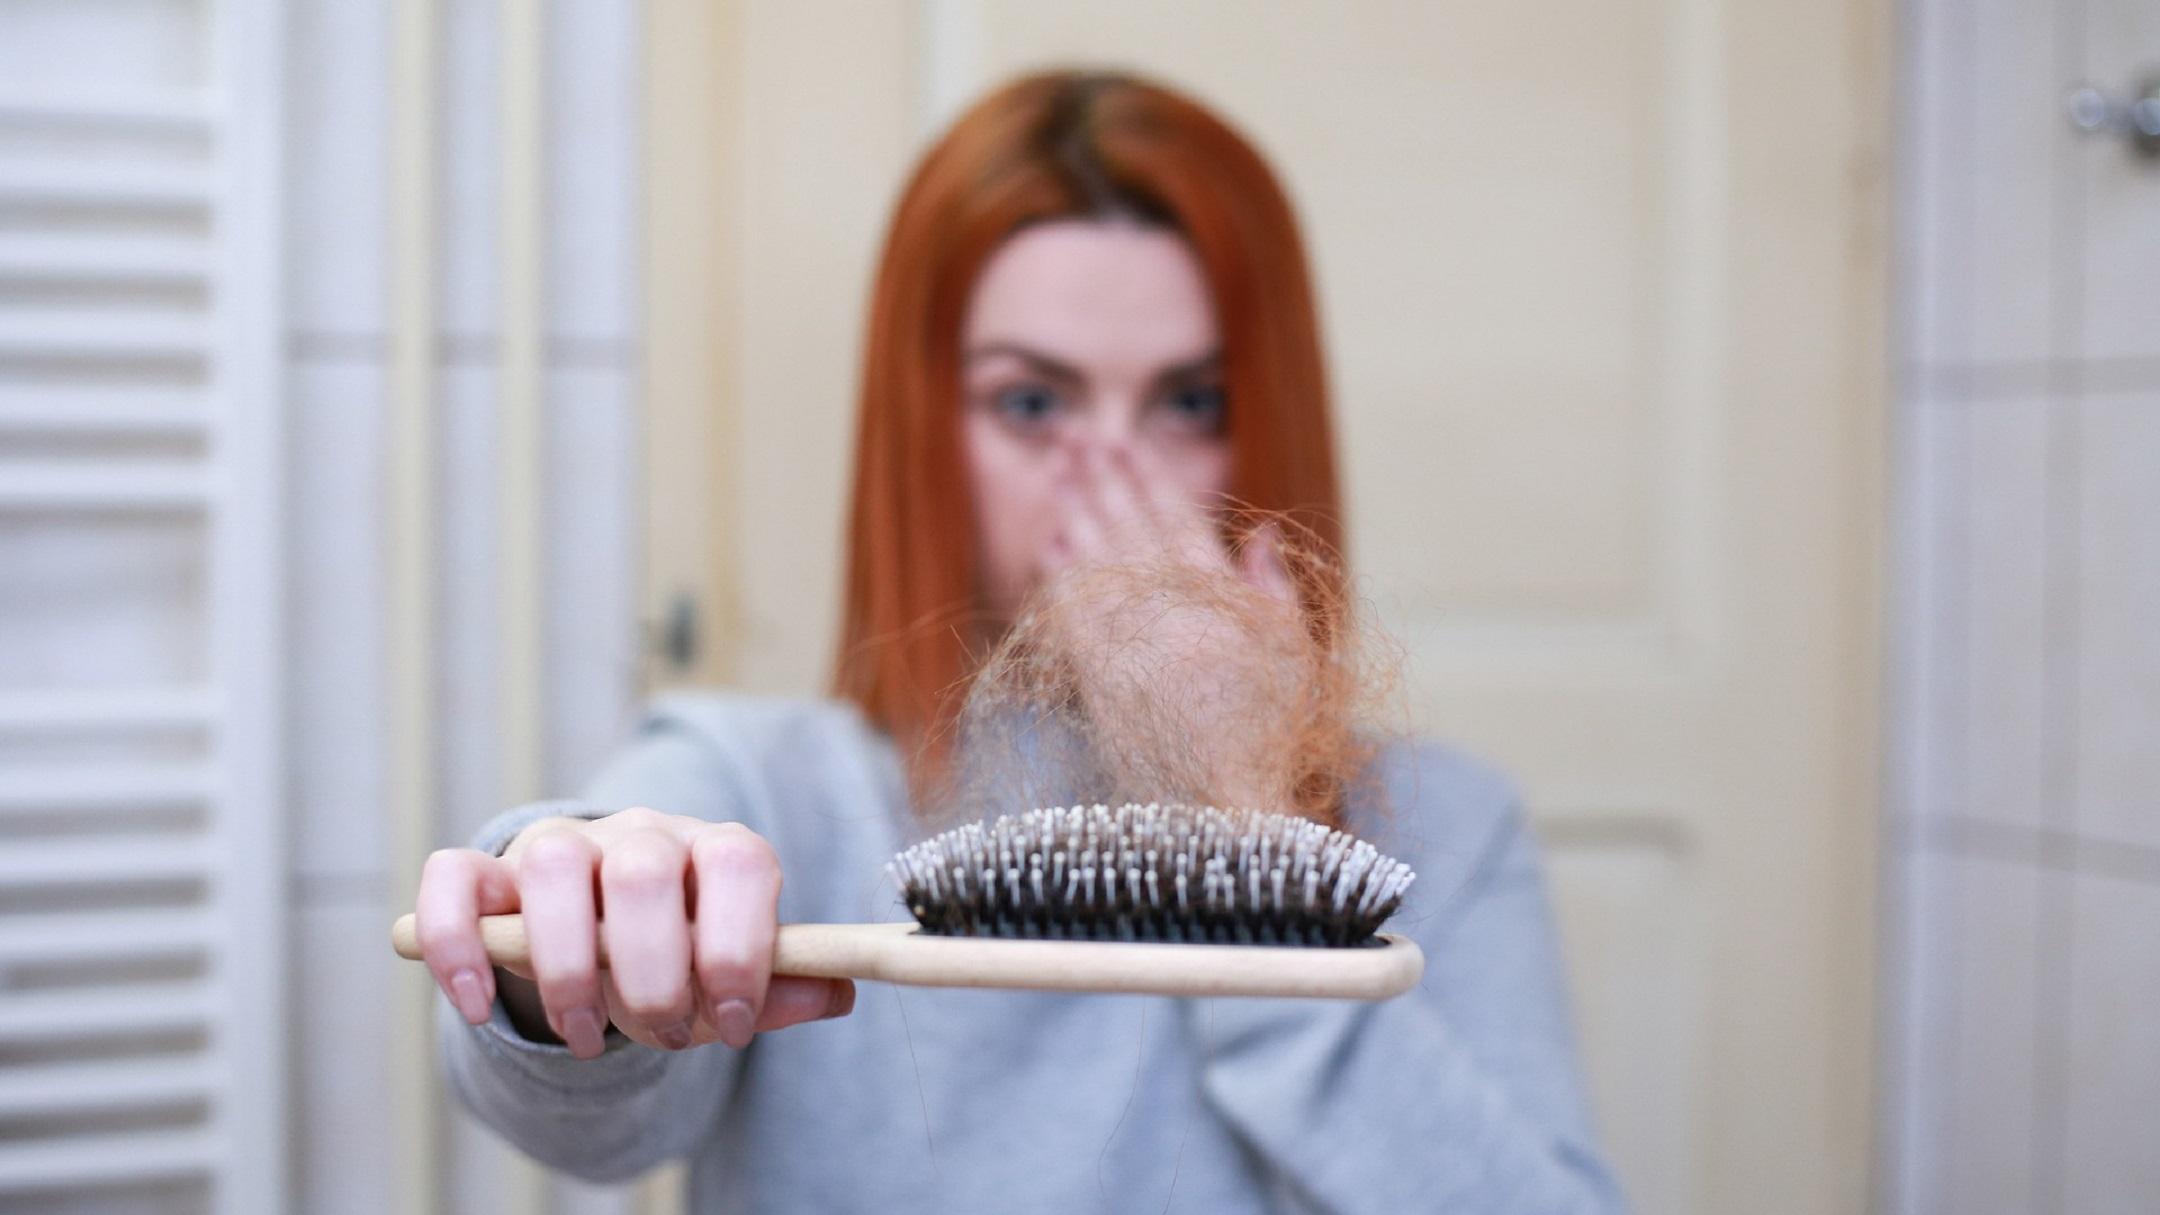 Trápí vás vypadávání vlasů? Známe způsob, jak řídnutí vlasů zabránit